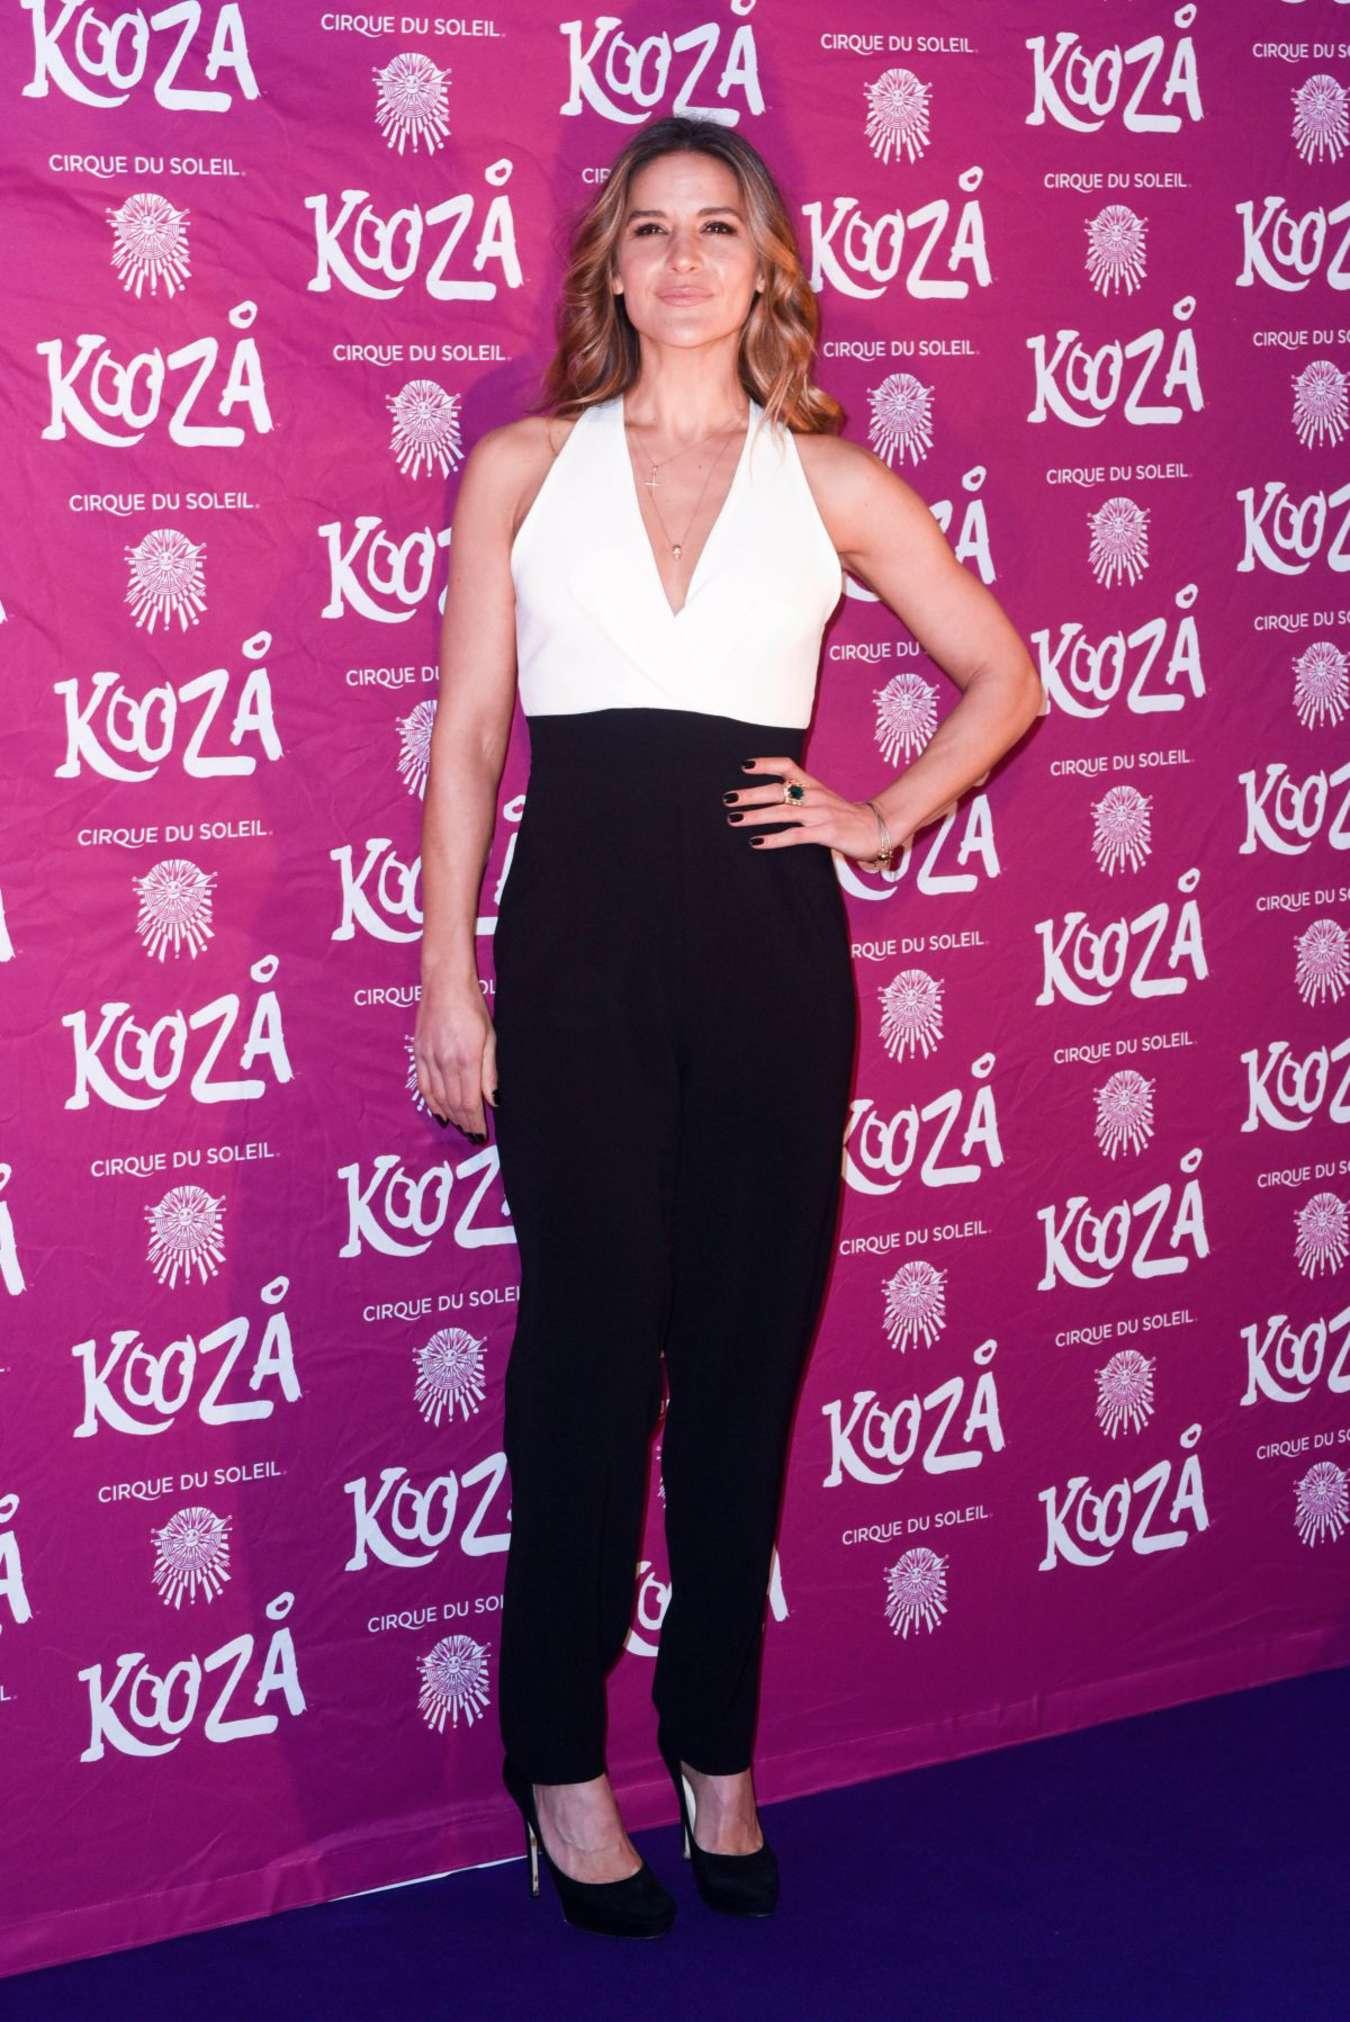 Amanda Byram Kooza By Cirque Du Soleil VIP Performance in London